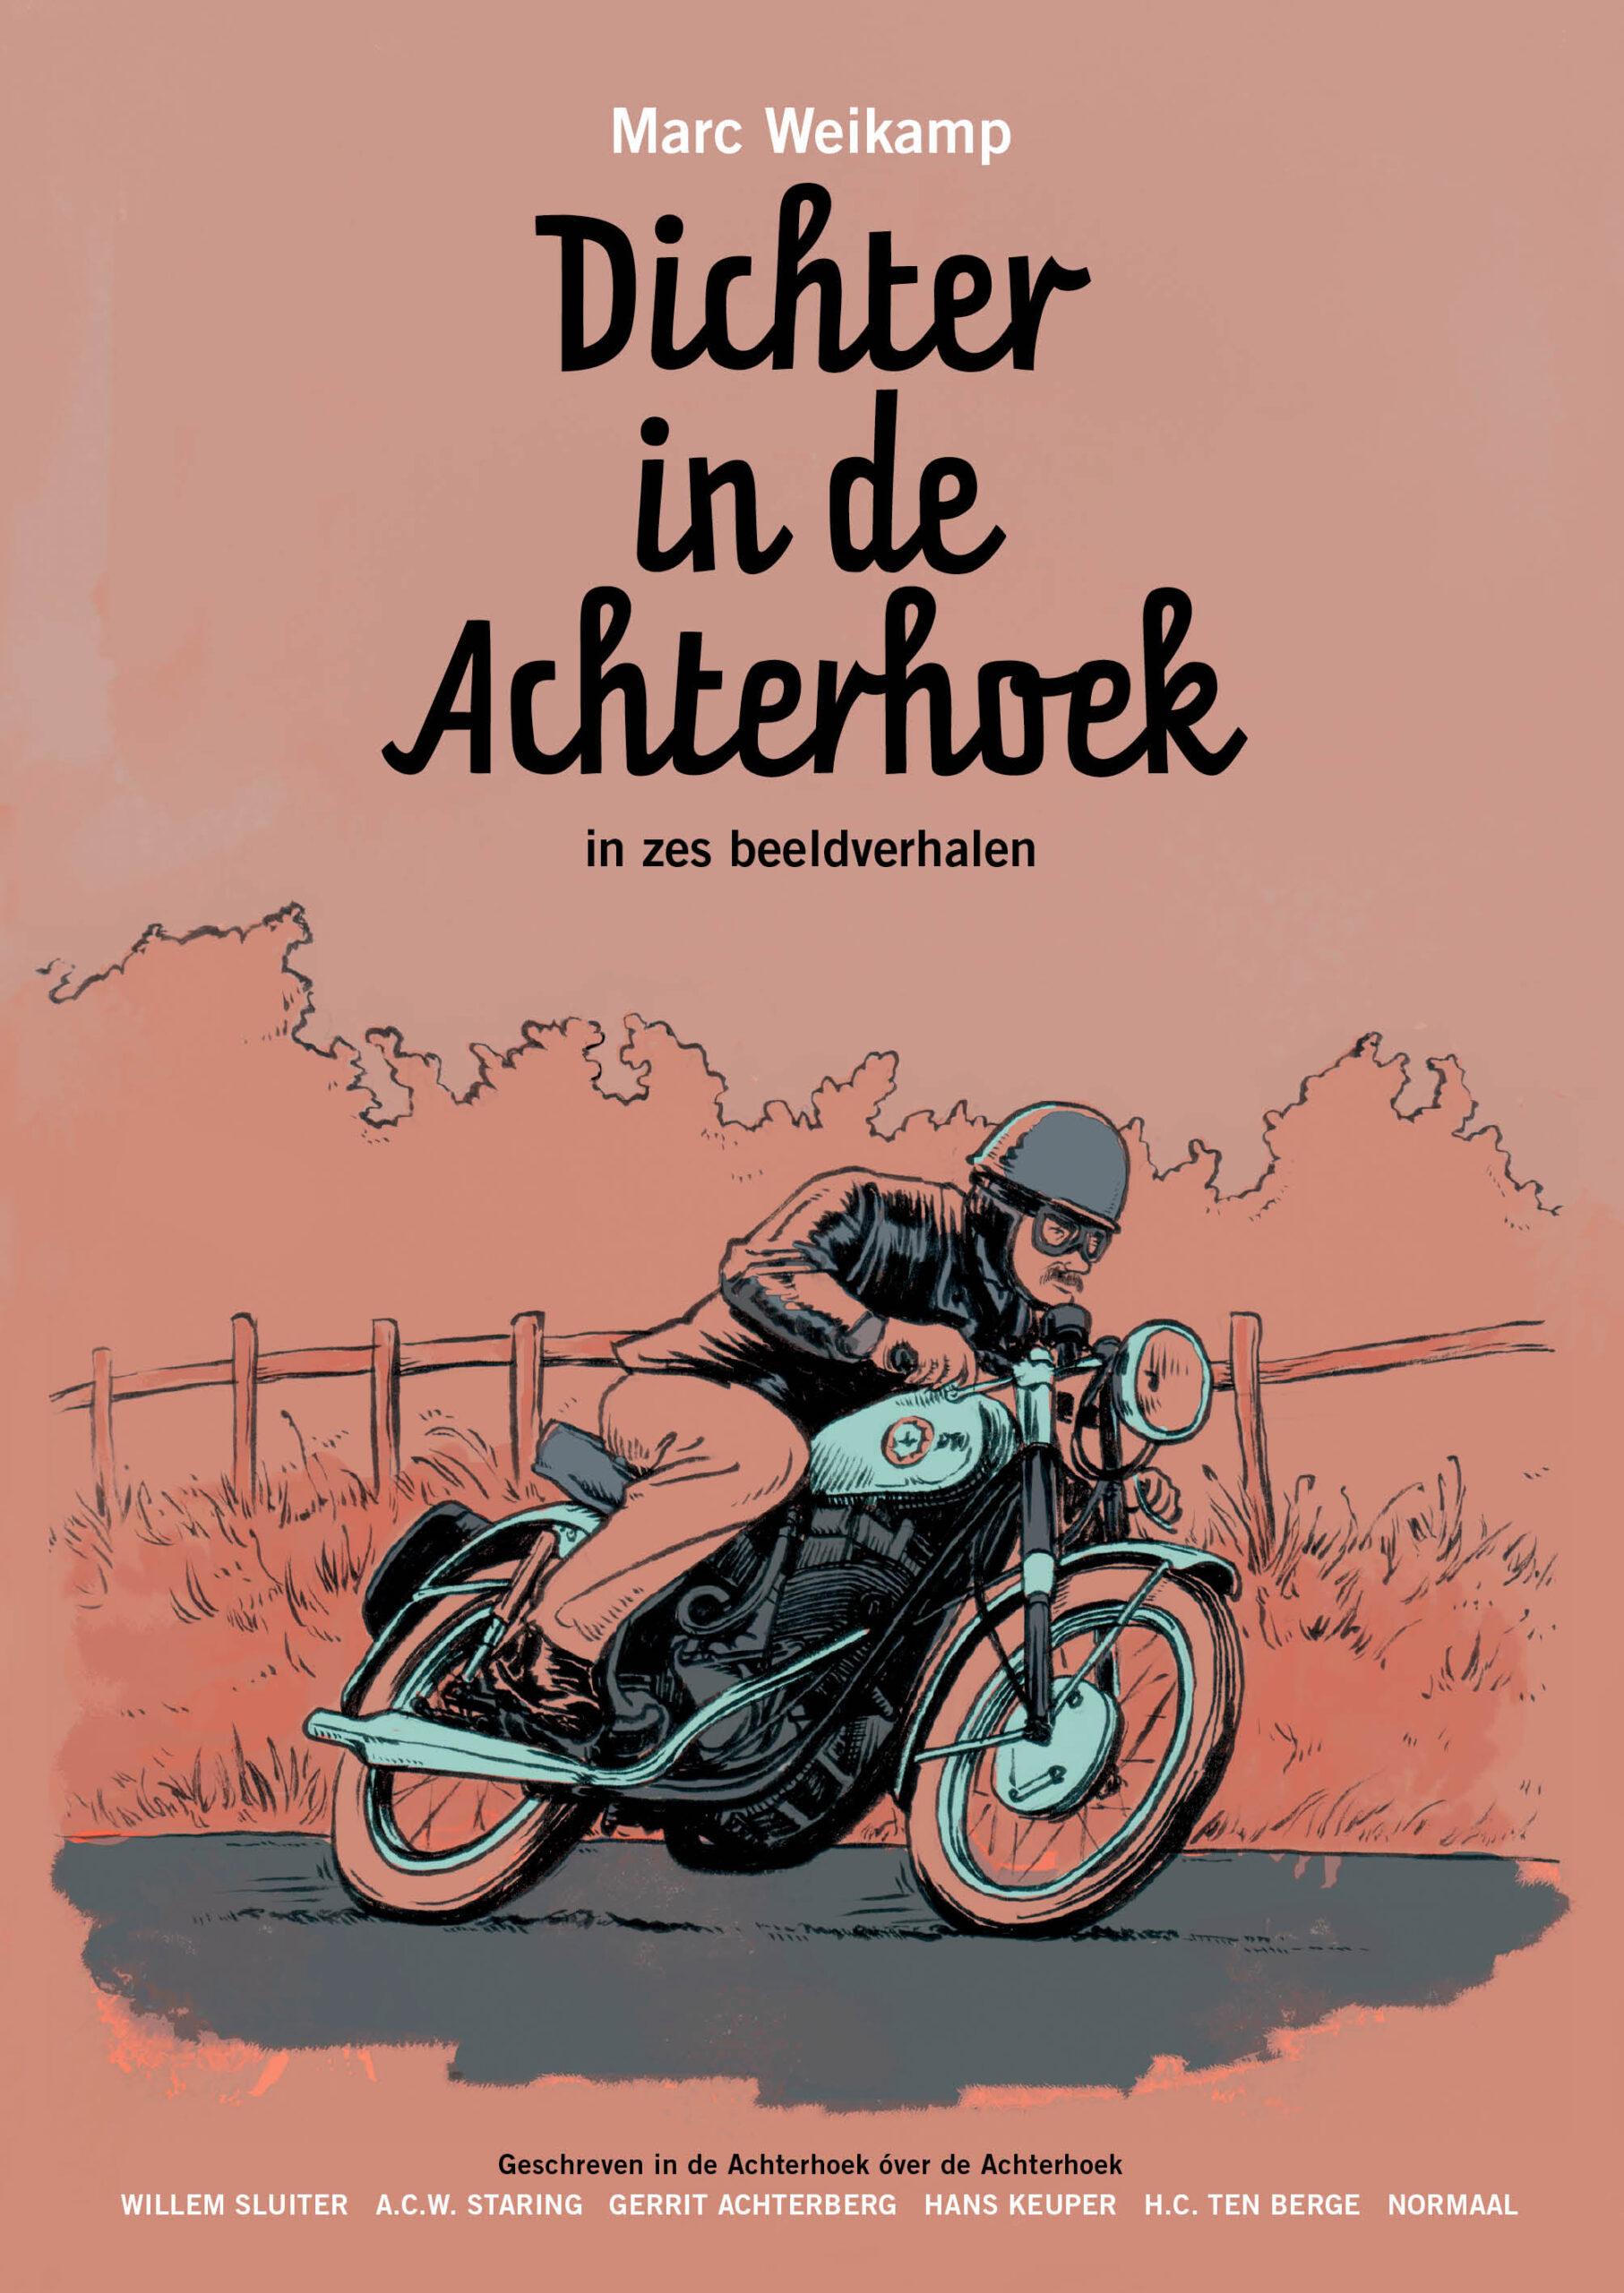 Marc Weikamp - Omslag van Dichter in de Achterhoek in zes beeldverhalen